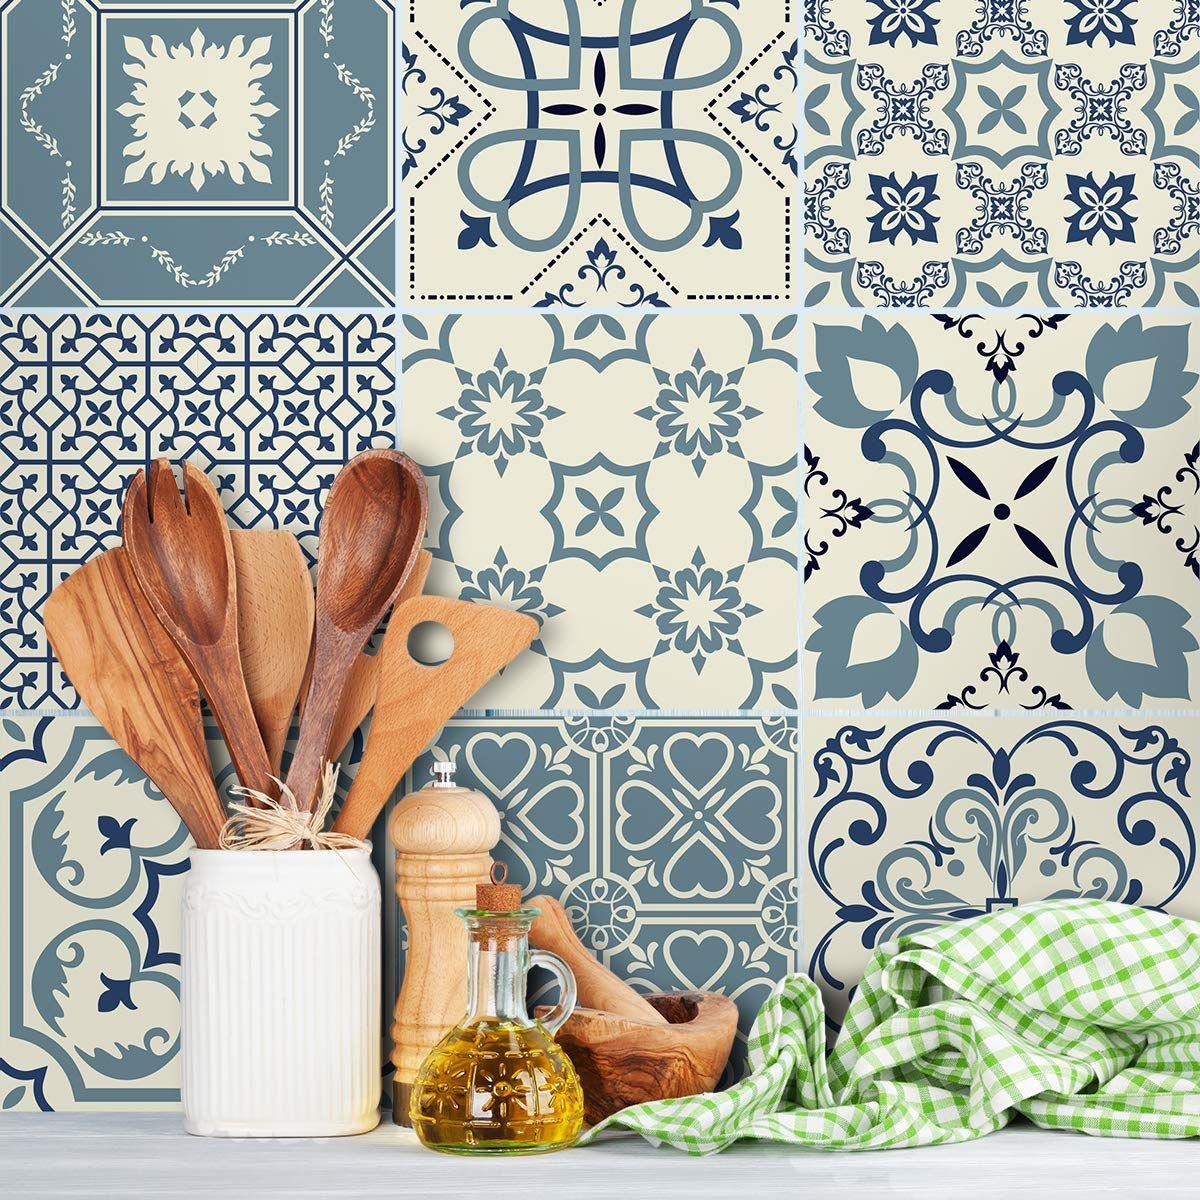 Samoprzylepne naklejki na płytki  płytki cementowe  dekoracja ścienna naklejki do łazienki i kuchni  płytki cementowe samoprzylepne  10 x 10 cm  9 sztuk